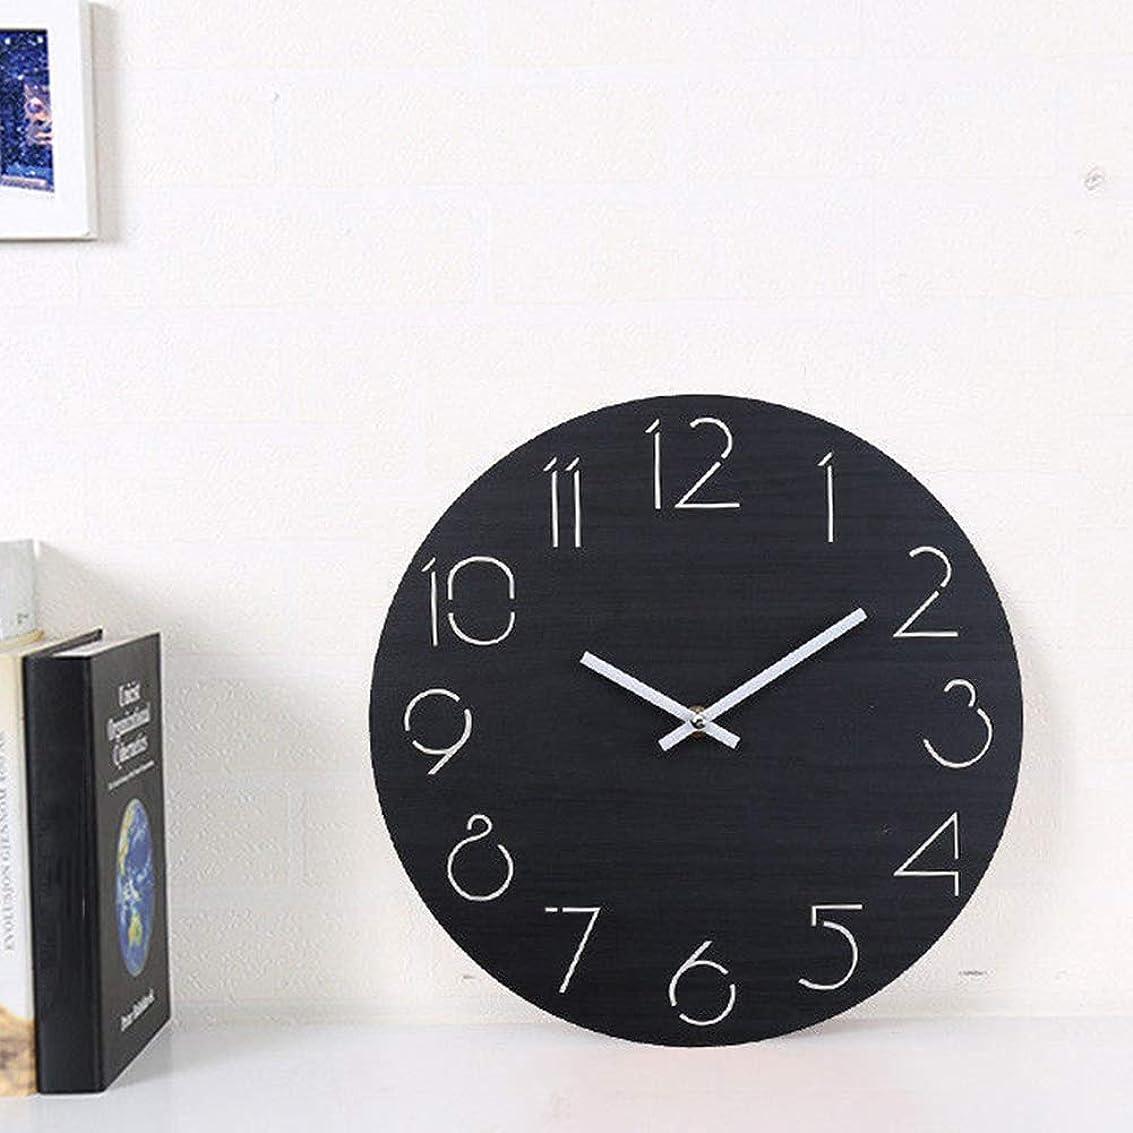 エンティティベイビー裁判官壁掛け時計12